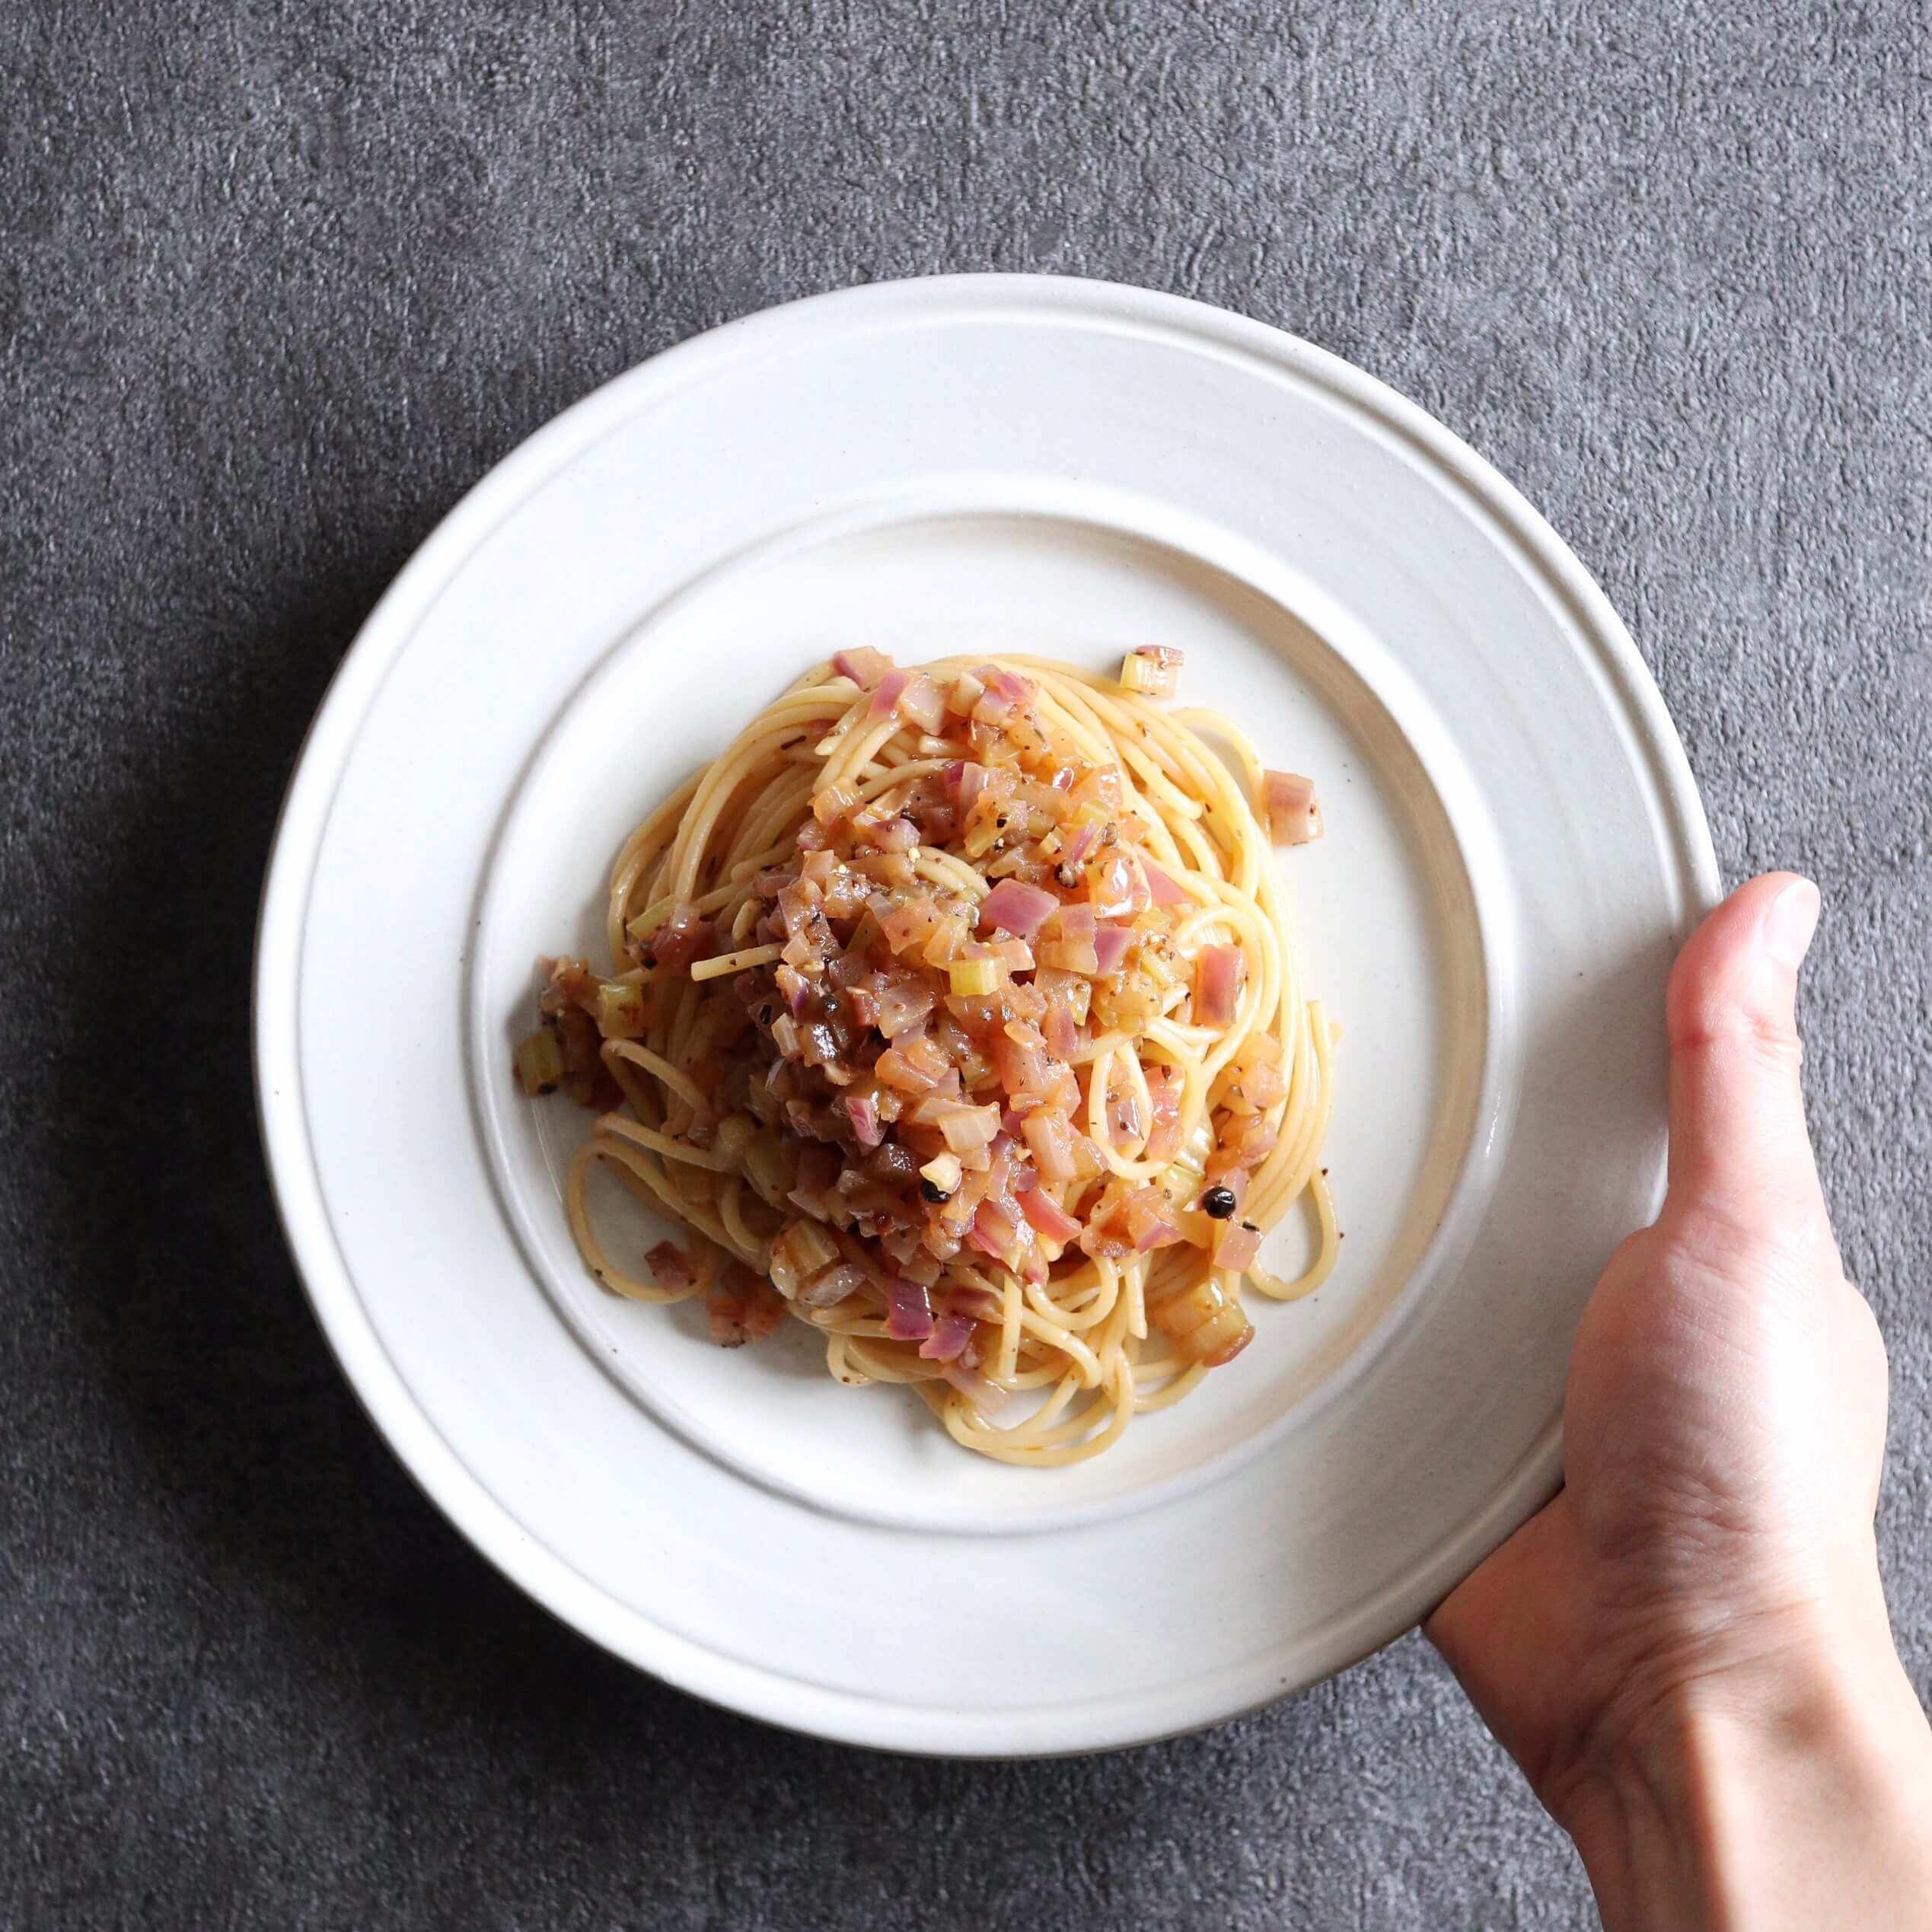 【超簡単】香味野菜と生胡椒のオイルパスタのレシピ